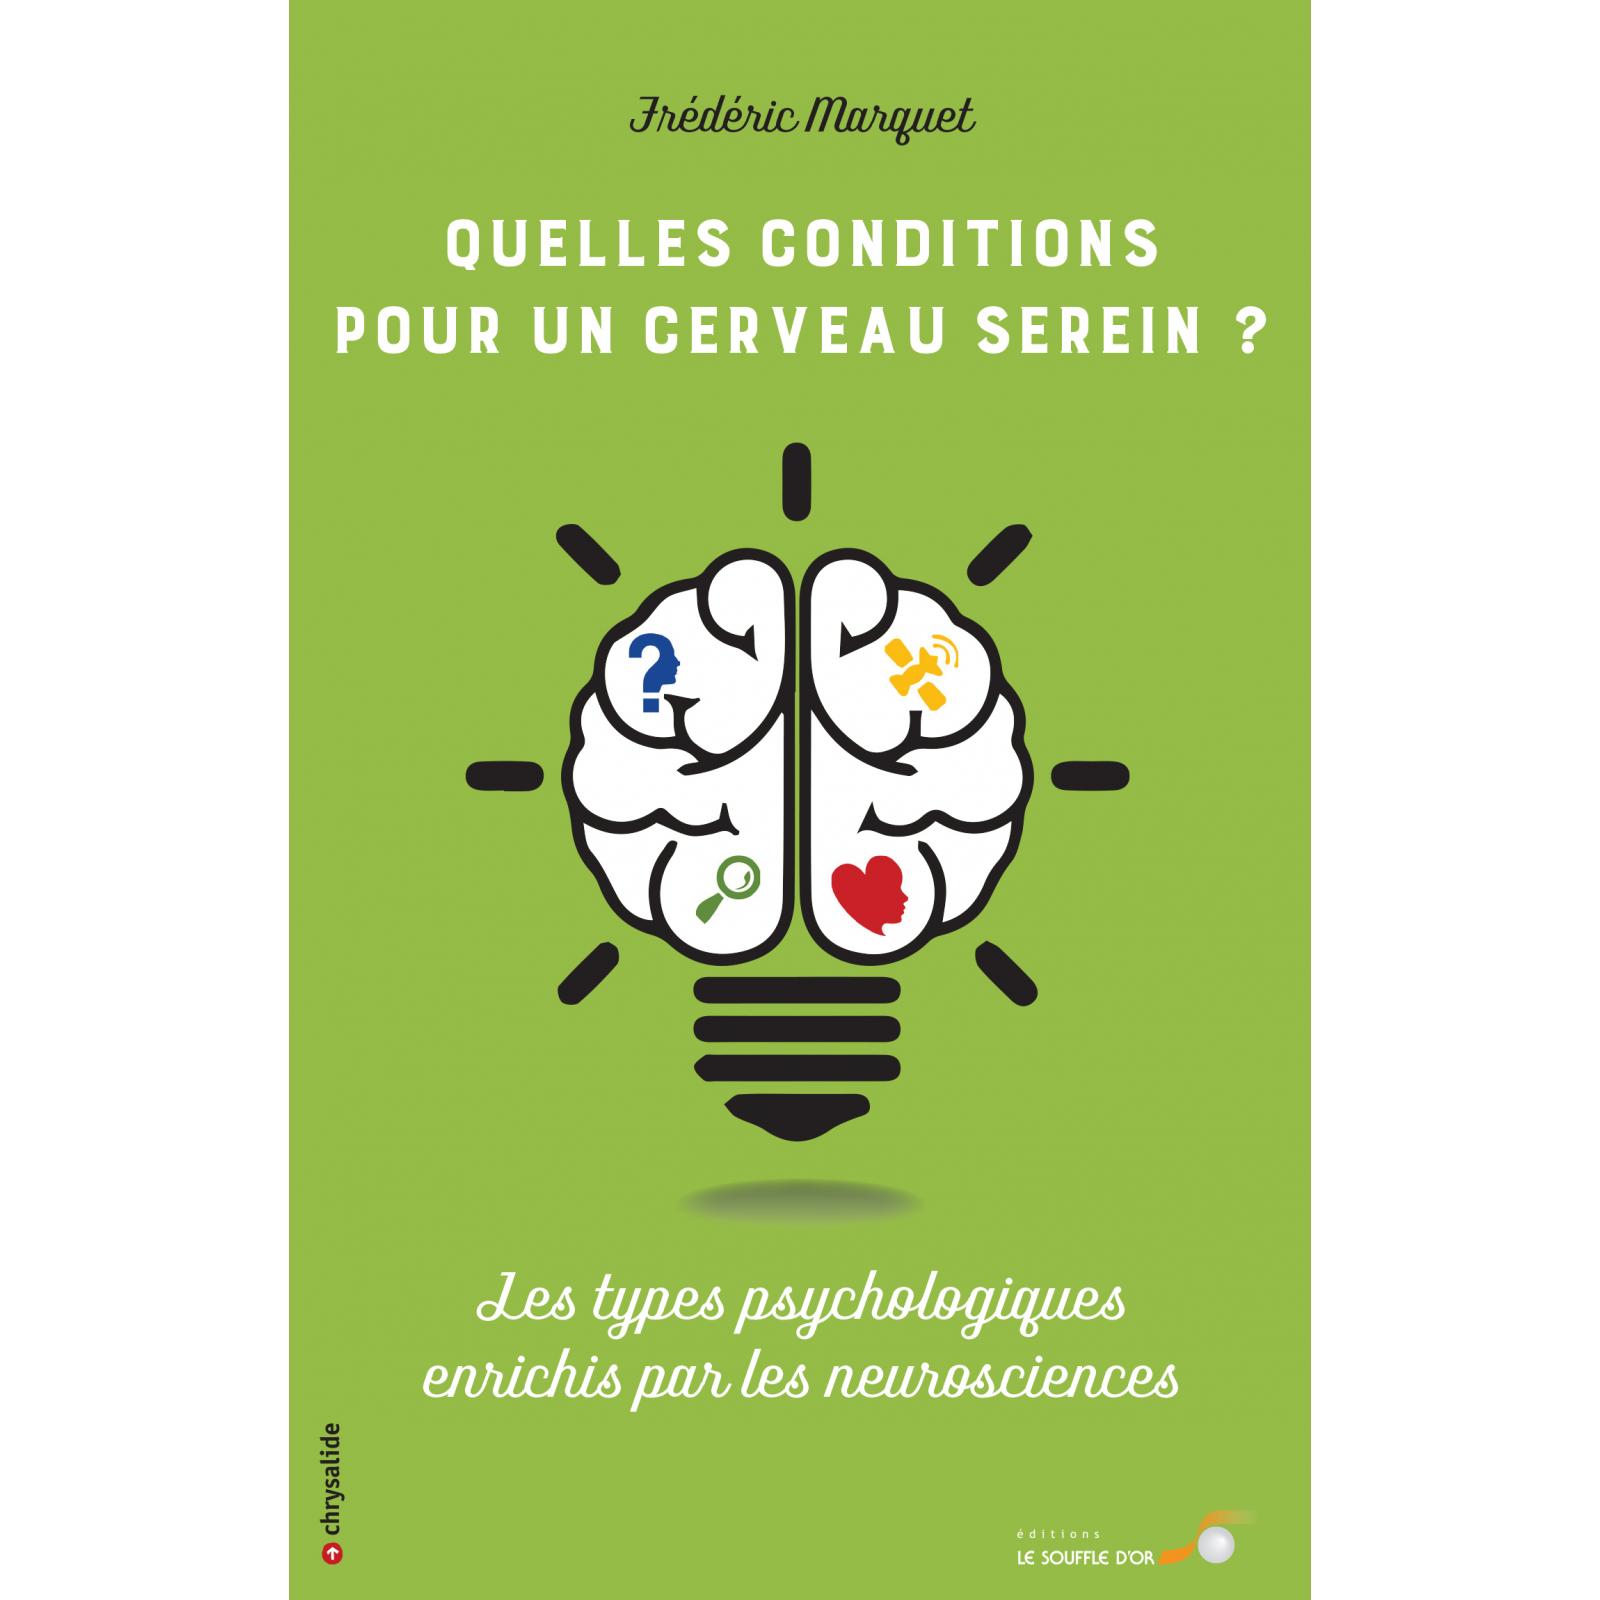 Quelles conditions pour un cerveau serein ?